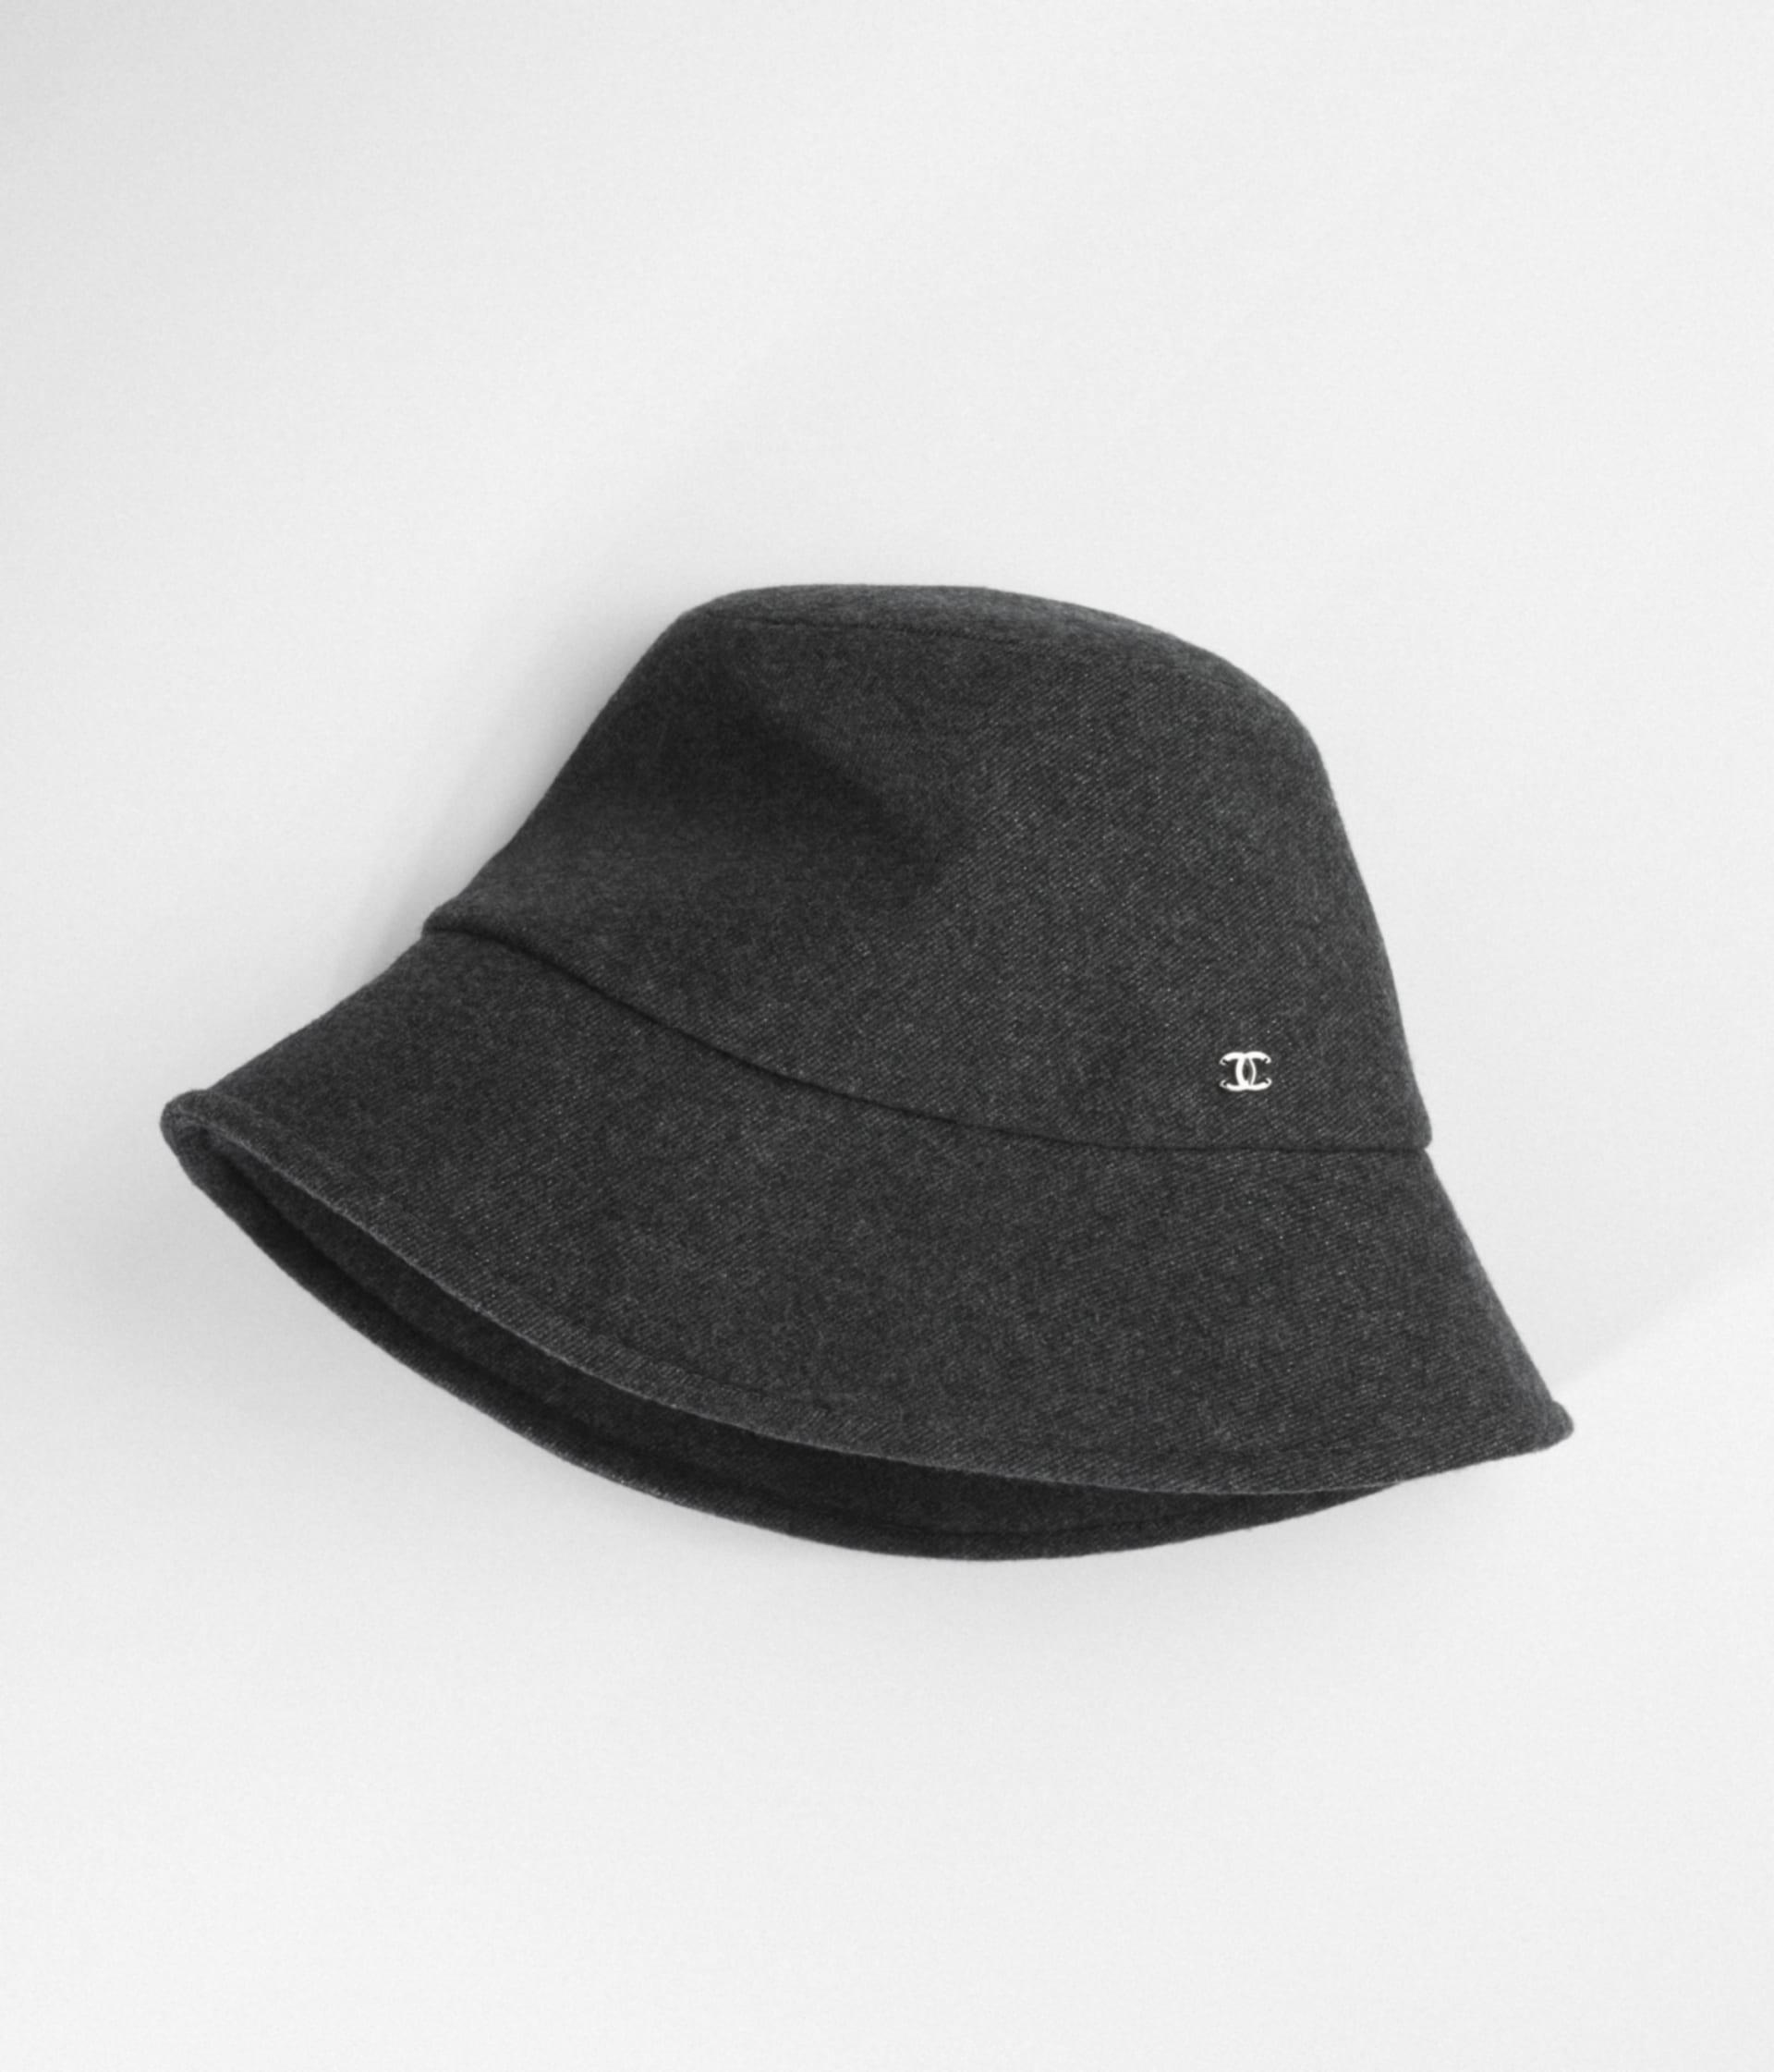 image 1 - Cloche Hat - Tweed - Gray, Black & Silver